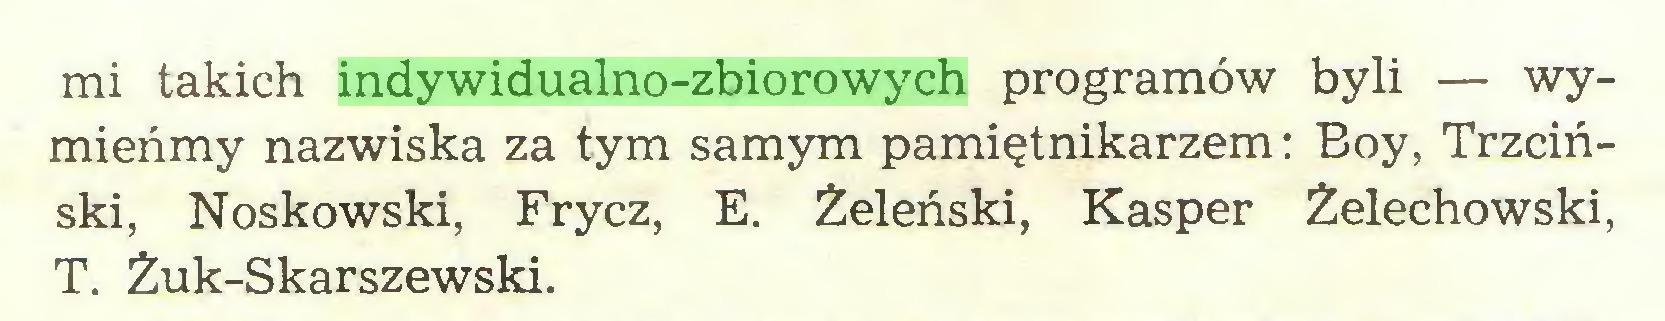 (...) mi takich indywidualno-zbiorowych programów byli — wymieńmy nazwiska za tym samym pamiętnikarzem: Boy, Trzciński, Noskowski, Frycz, E. Żeleński, Kasper Żelechowski, T. Żuk-Skarszewski...